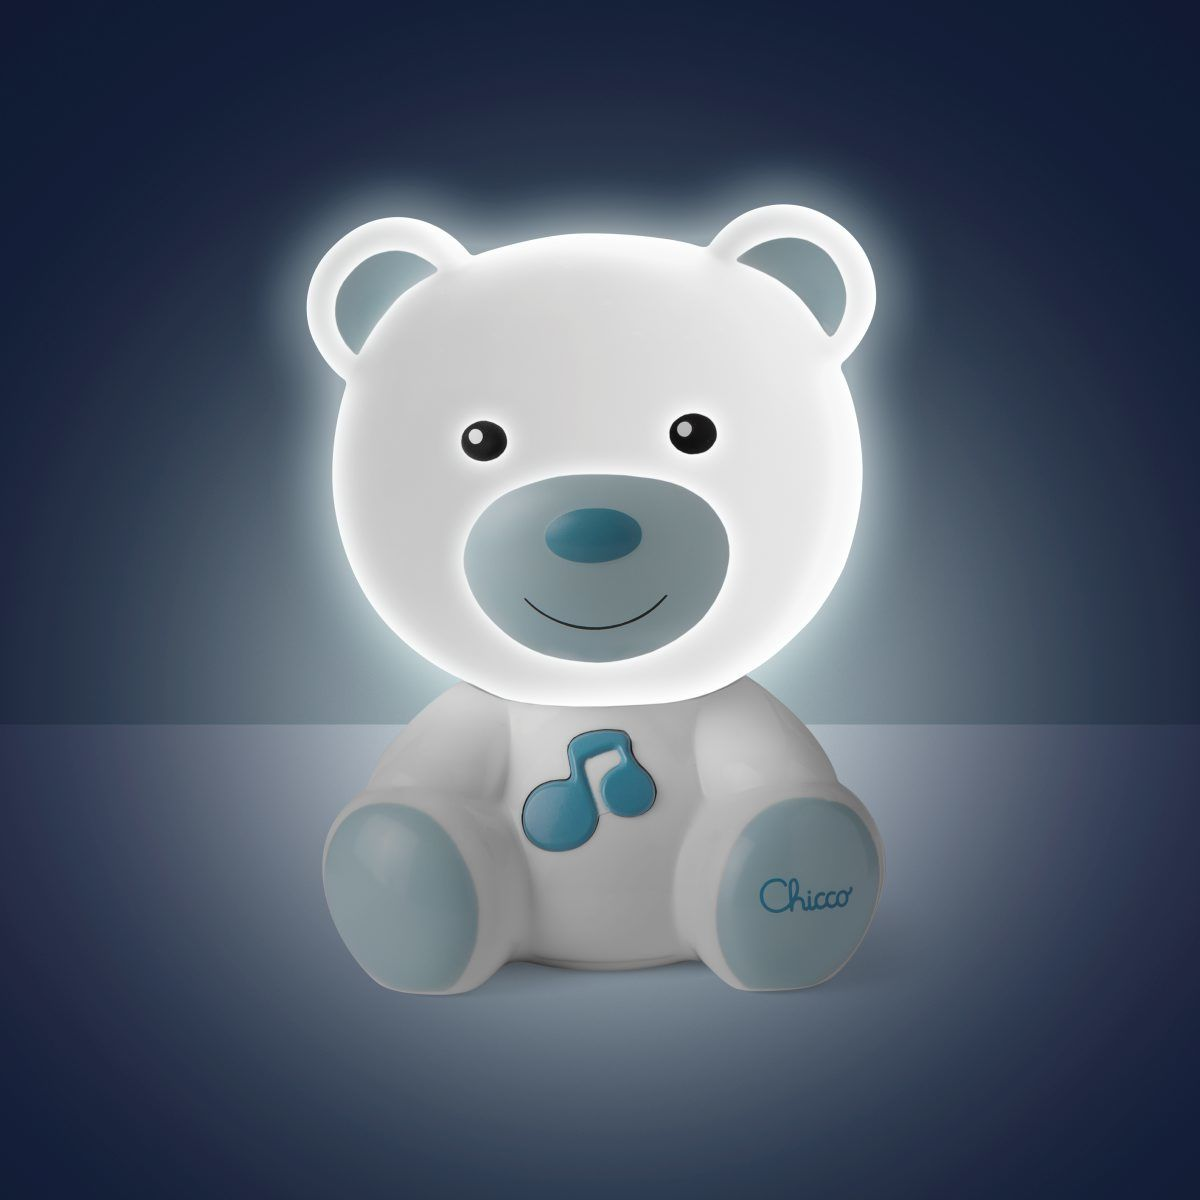 Jucarie Chicco Lampa Ursulet, Albastru, 0luni+ imagine